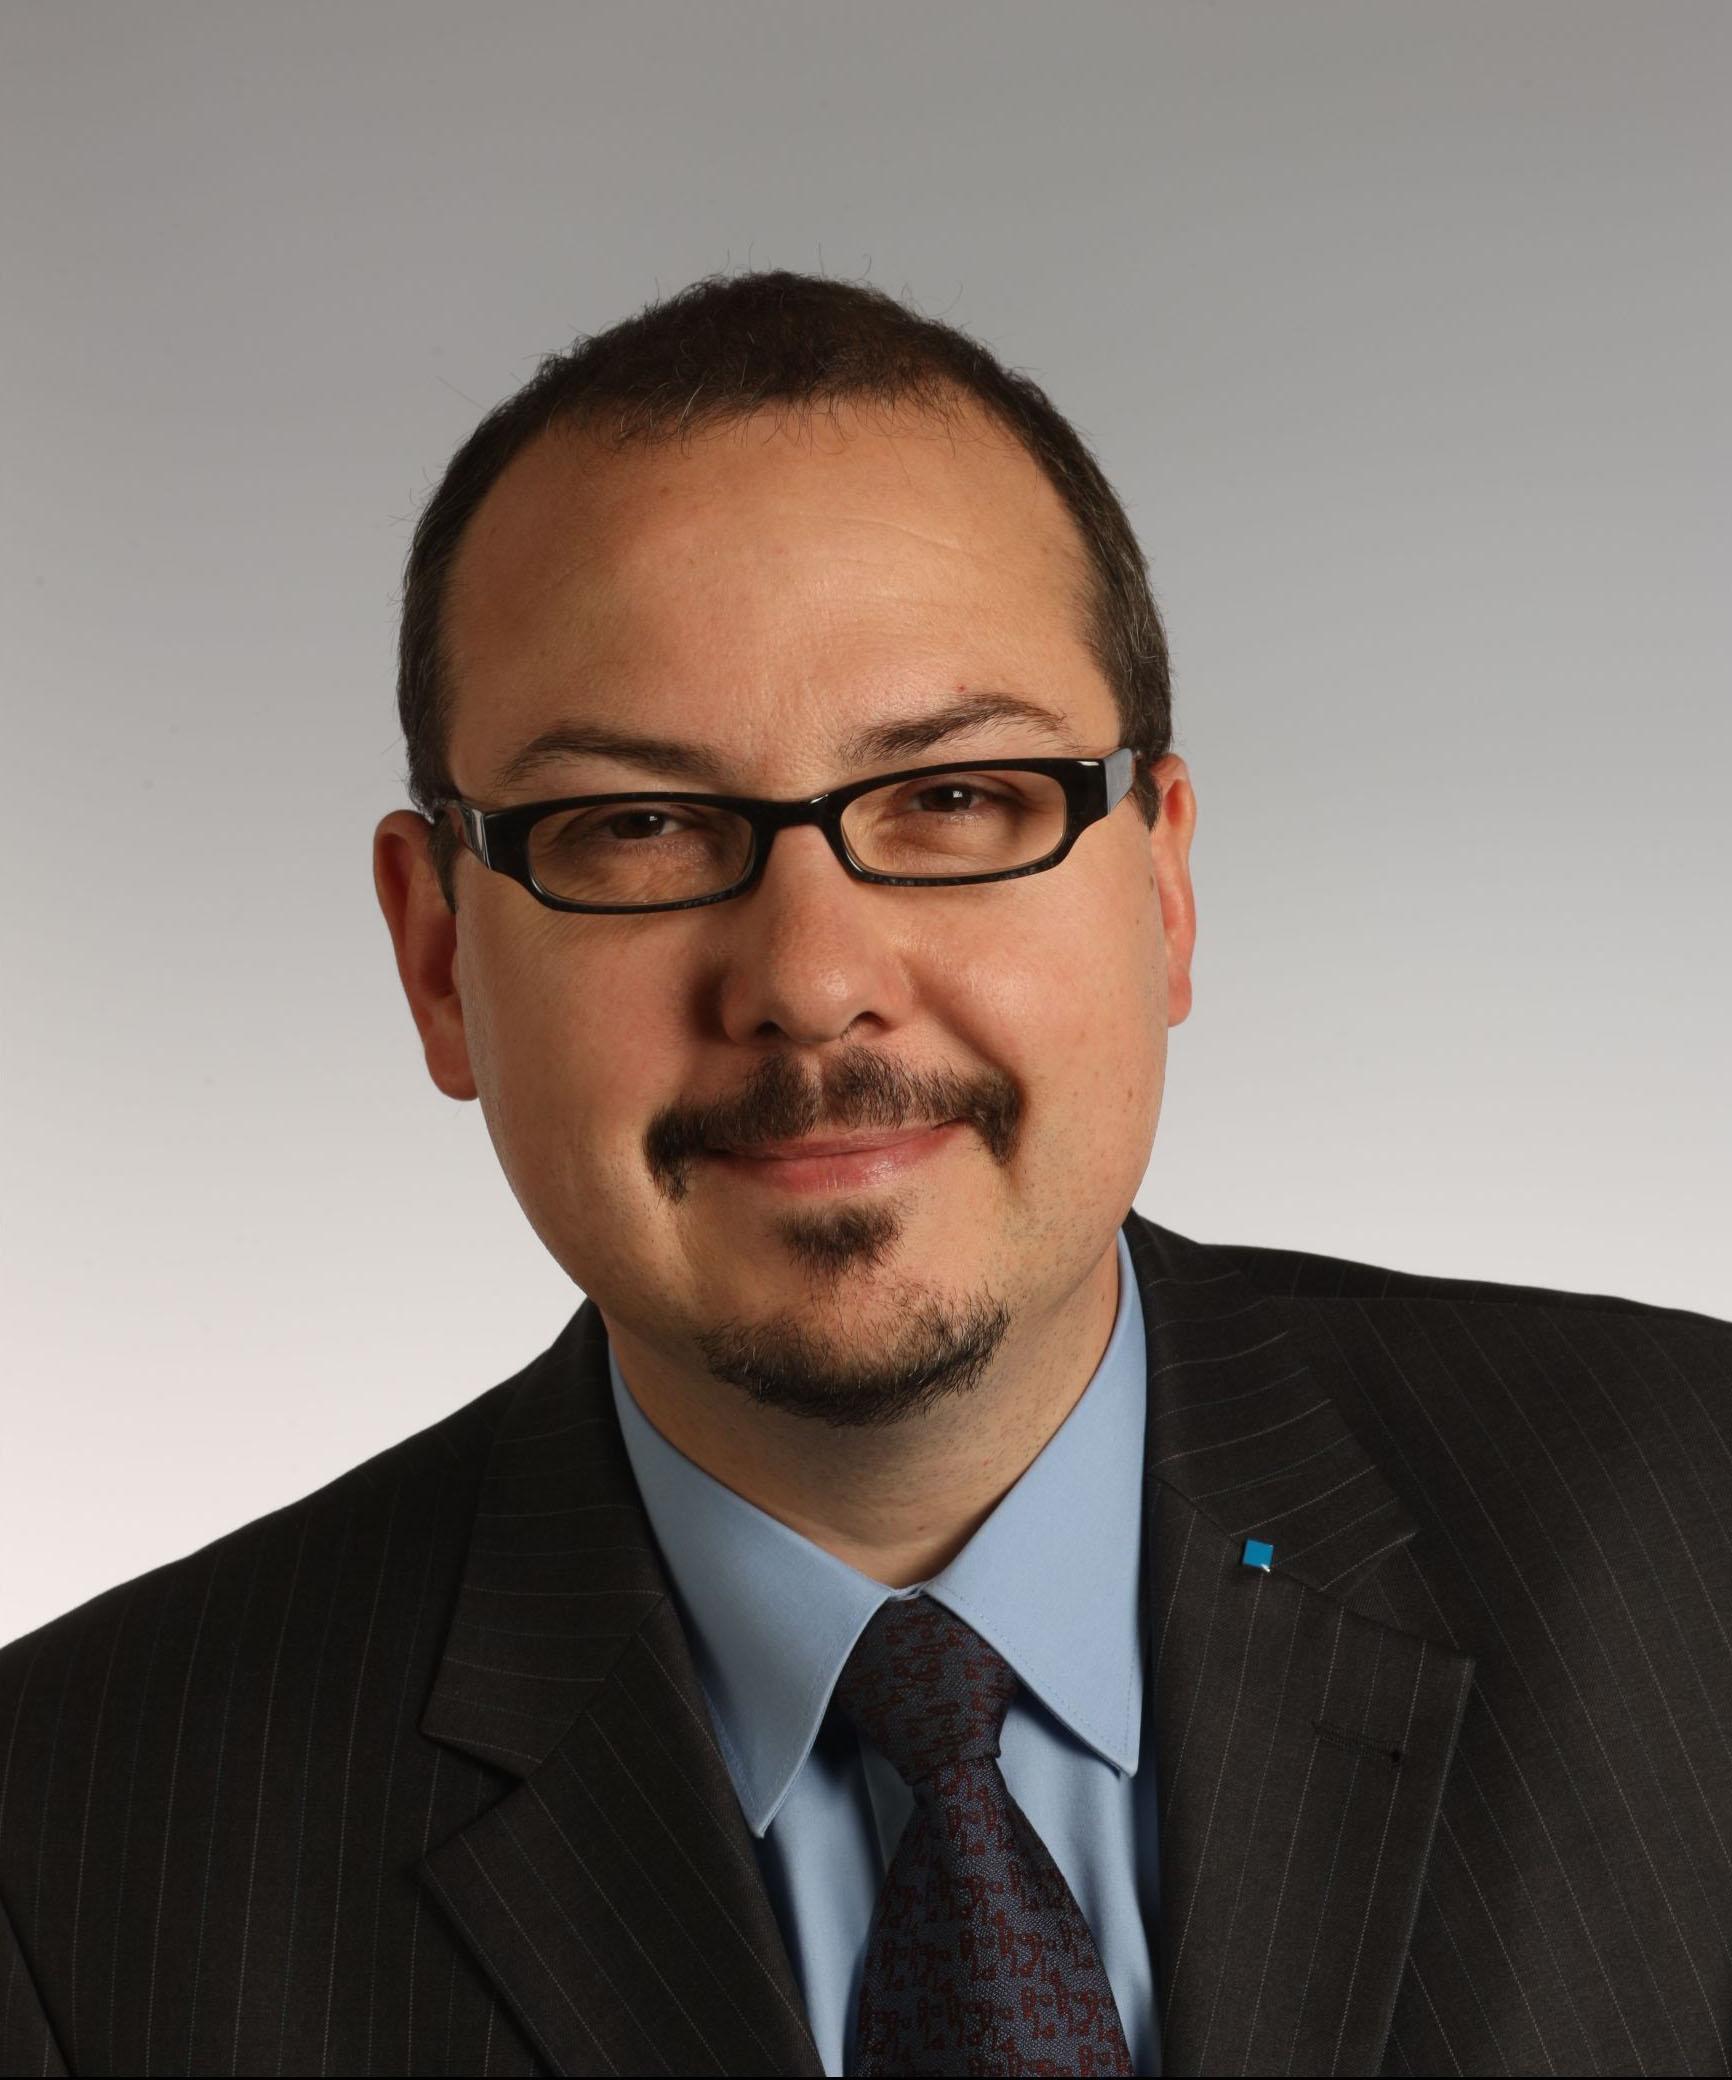 Sascha Hermann, Geschäftsführer des VDI Zentrums für Ressourceneffizienz